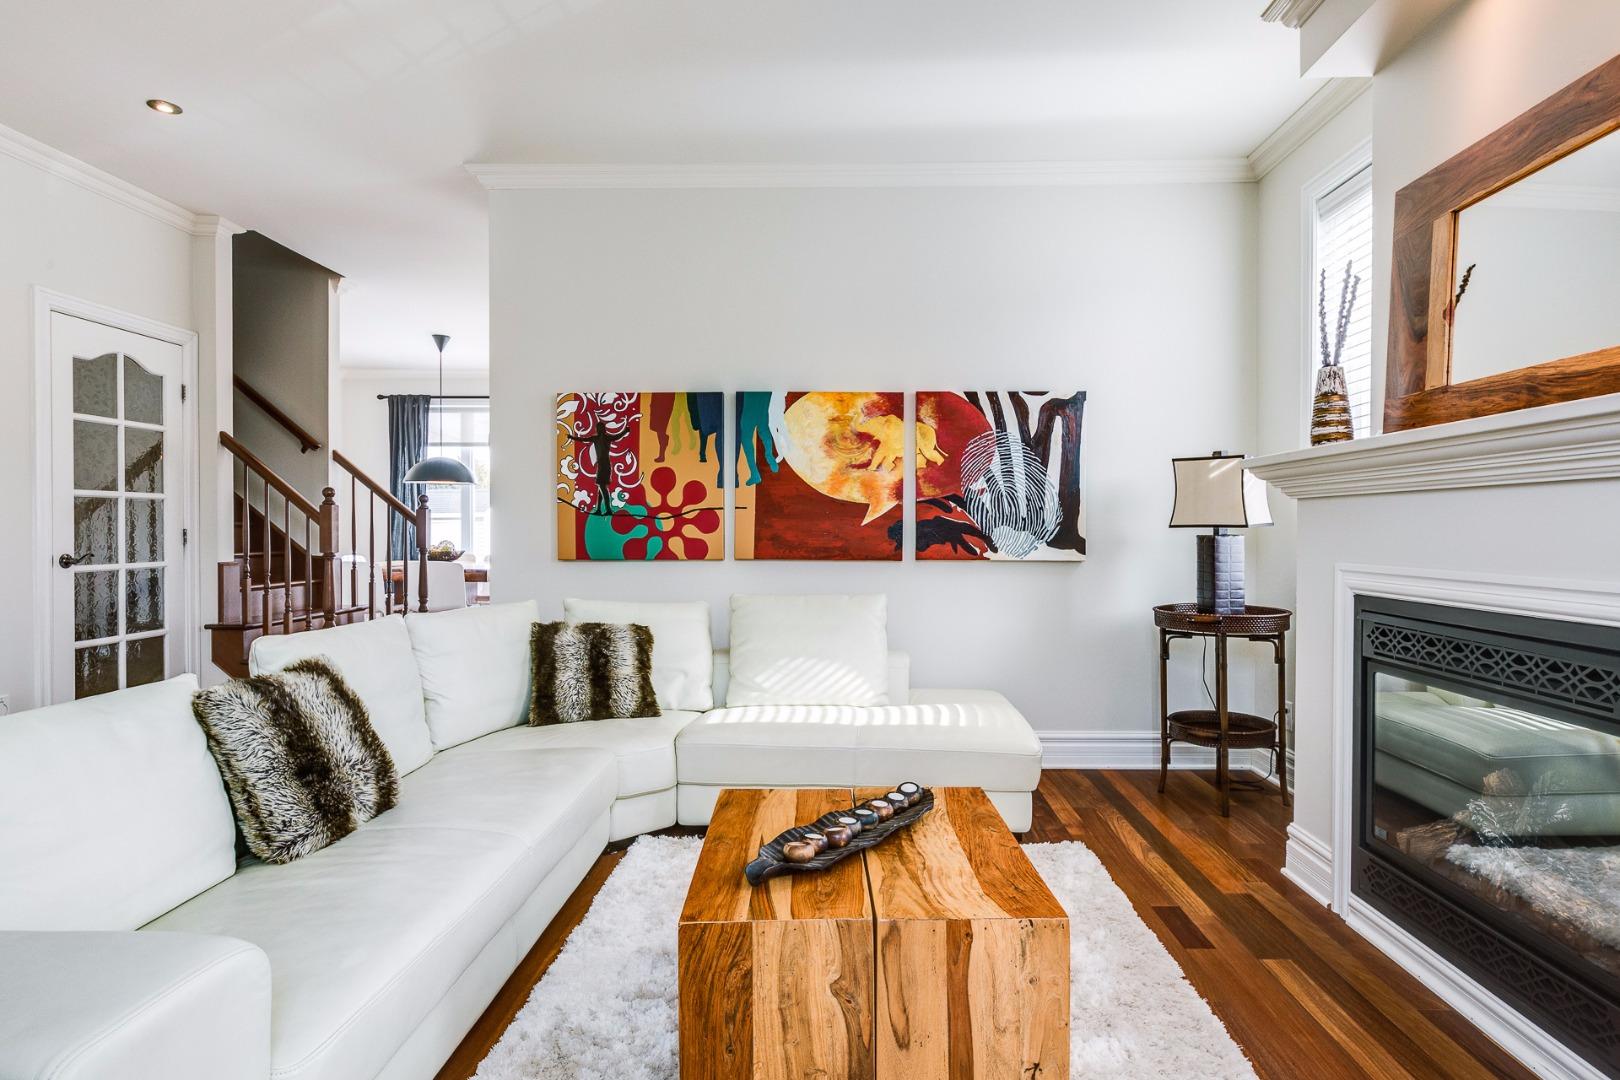 Maison à vendre Candiac - 35 rue de Chantilly